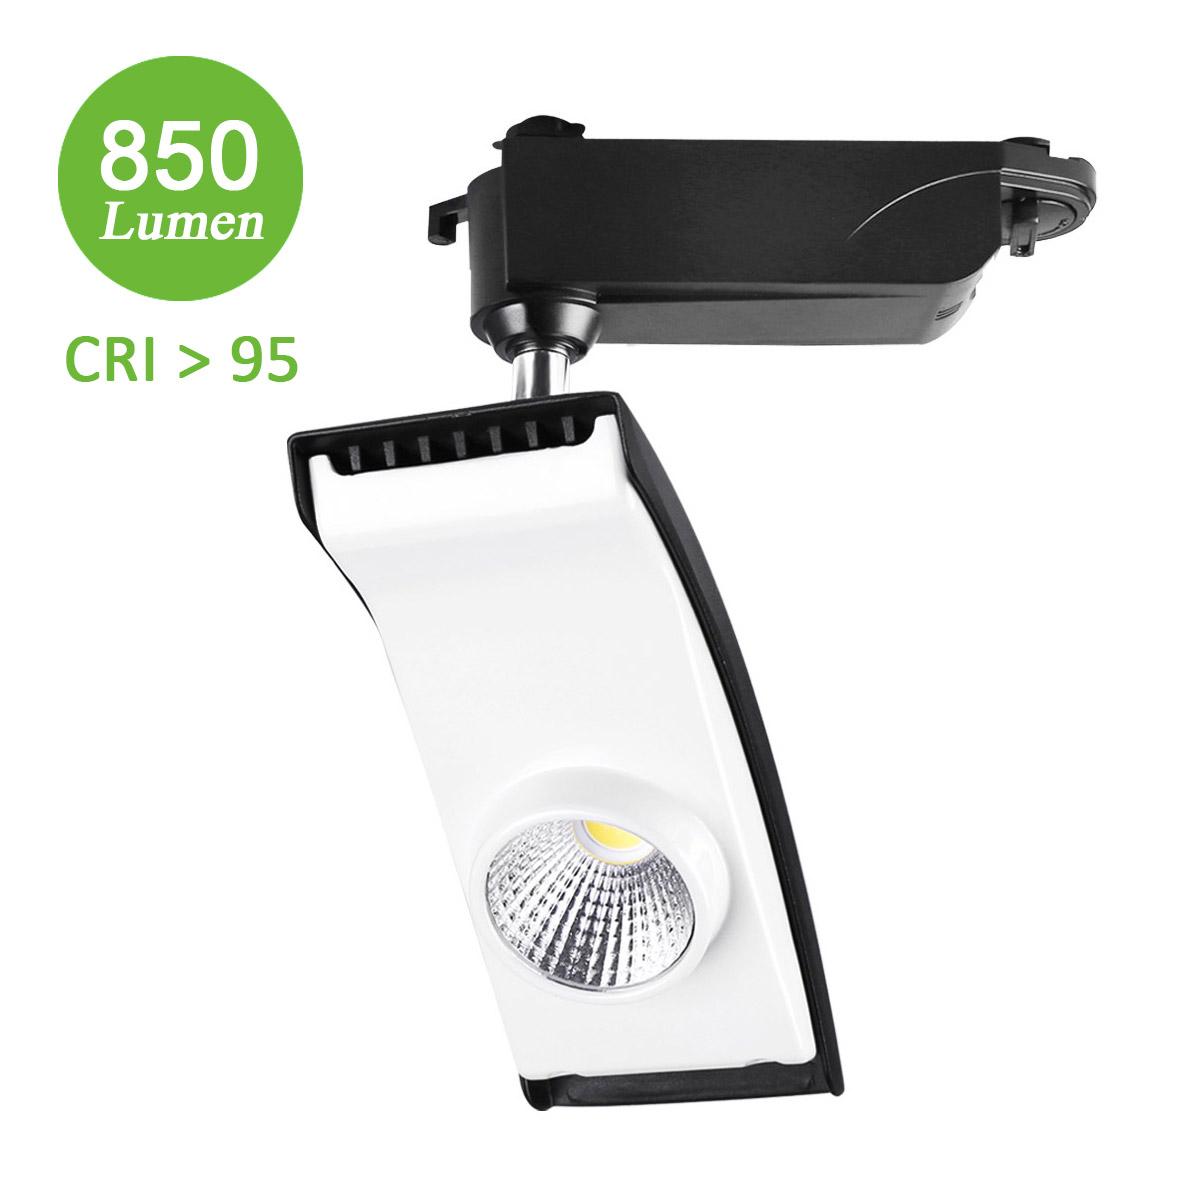 15W LED lichtschienensystem, 850lm Urail System, Ersatz für 100W Halogenlampen, Spotlight, Kaltweiß